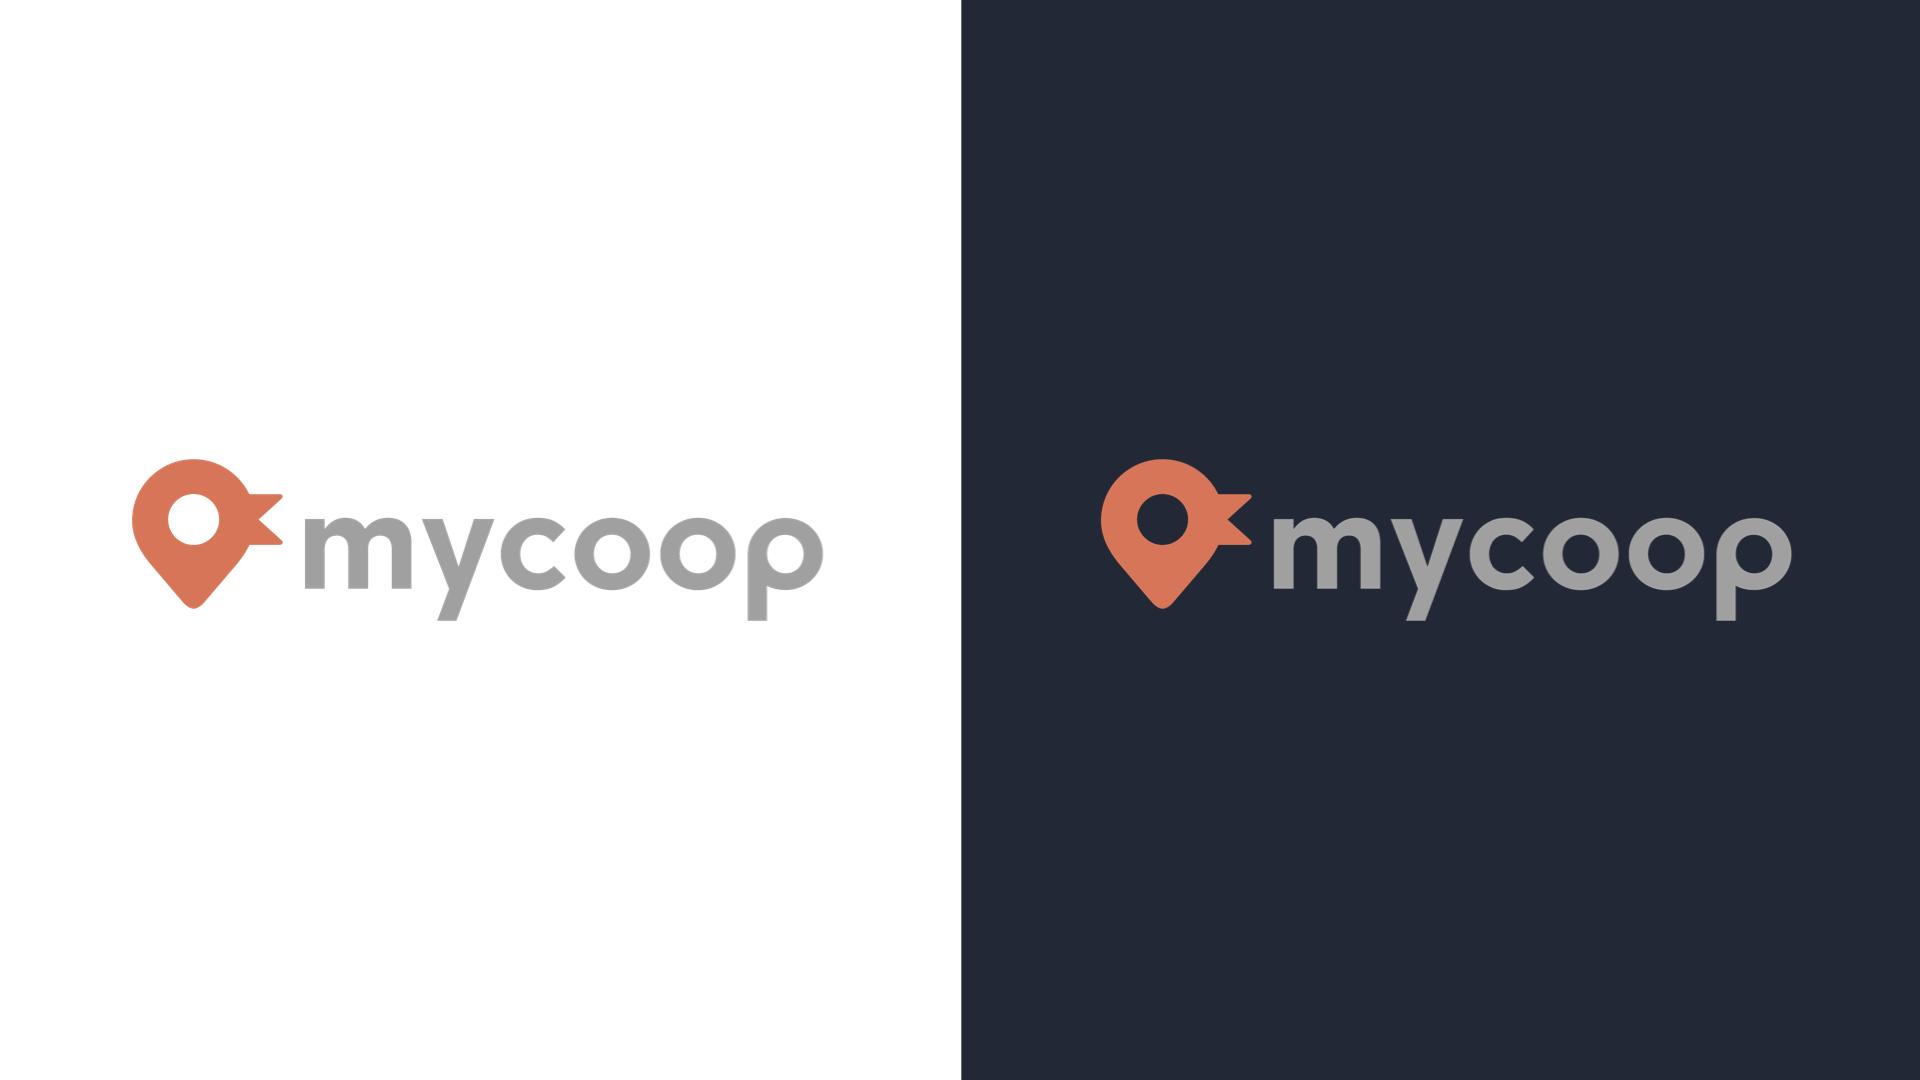 new mycoop logo